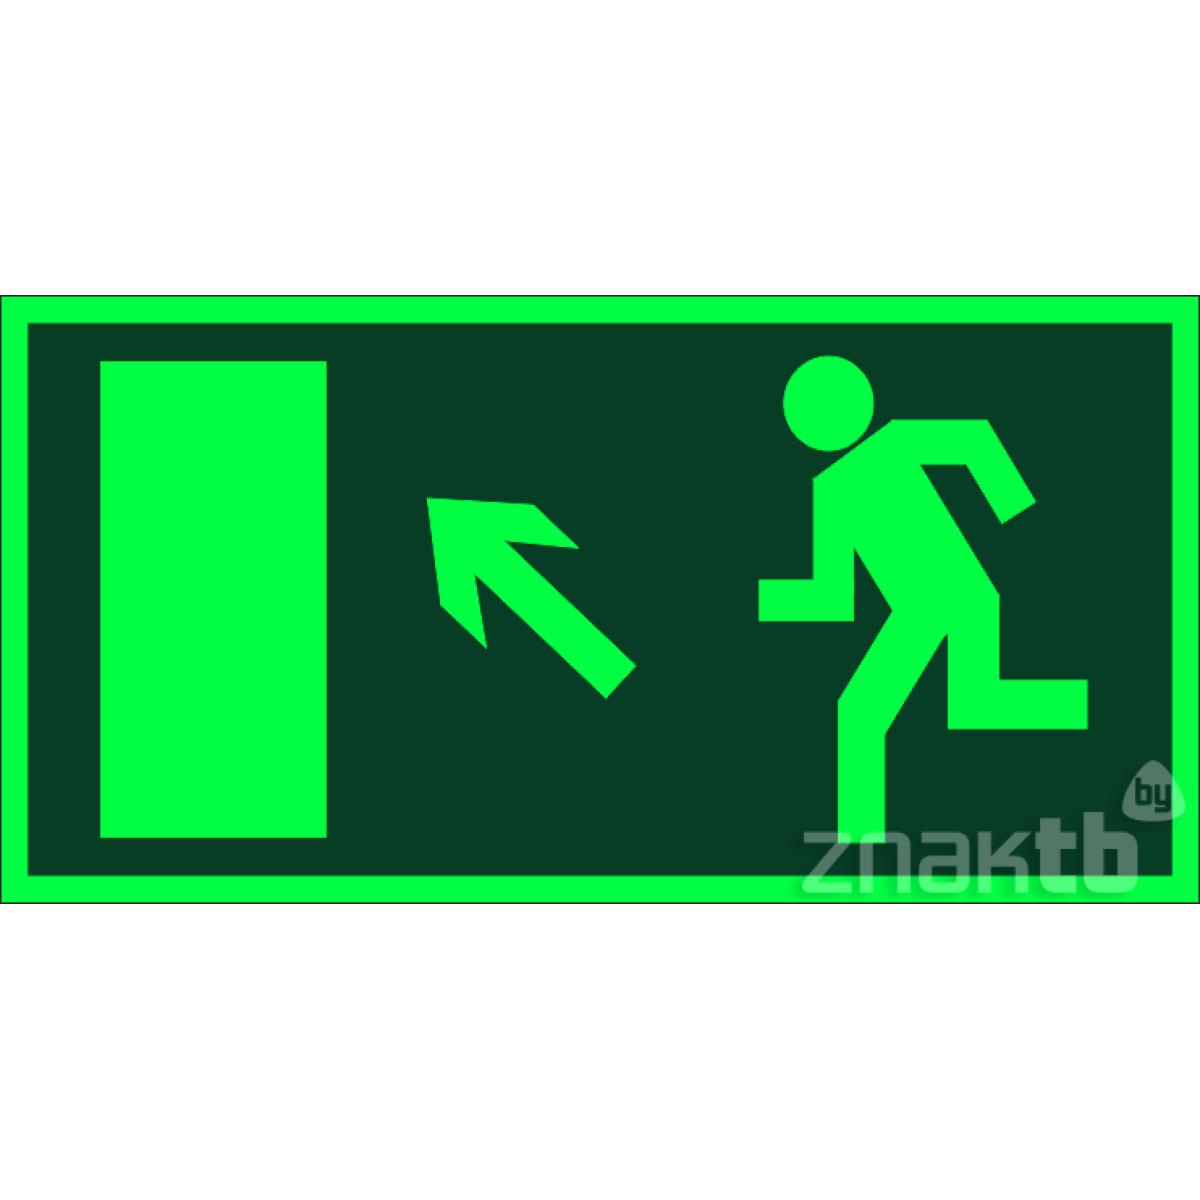 029 Знак Направление к эвакуационному выходу(по наклонной плоскости налево вверх) фотолюм. код Е06